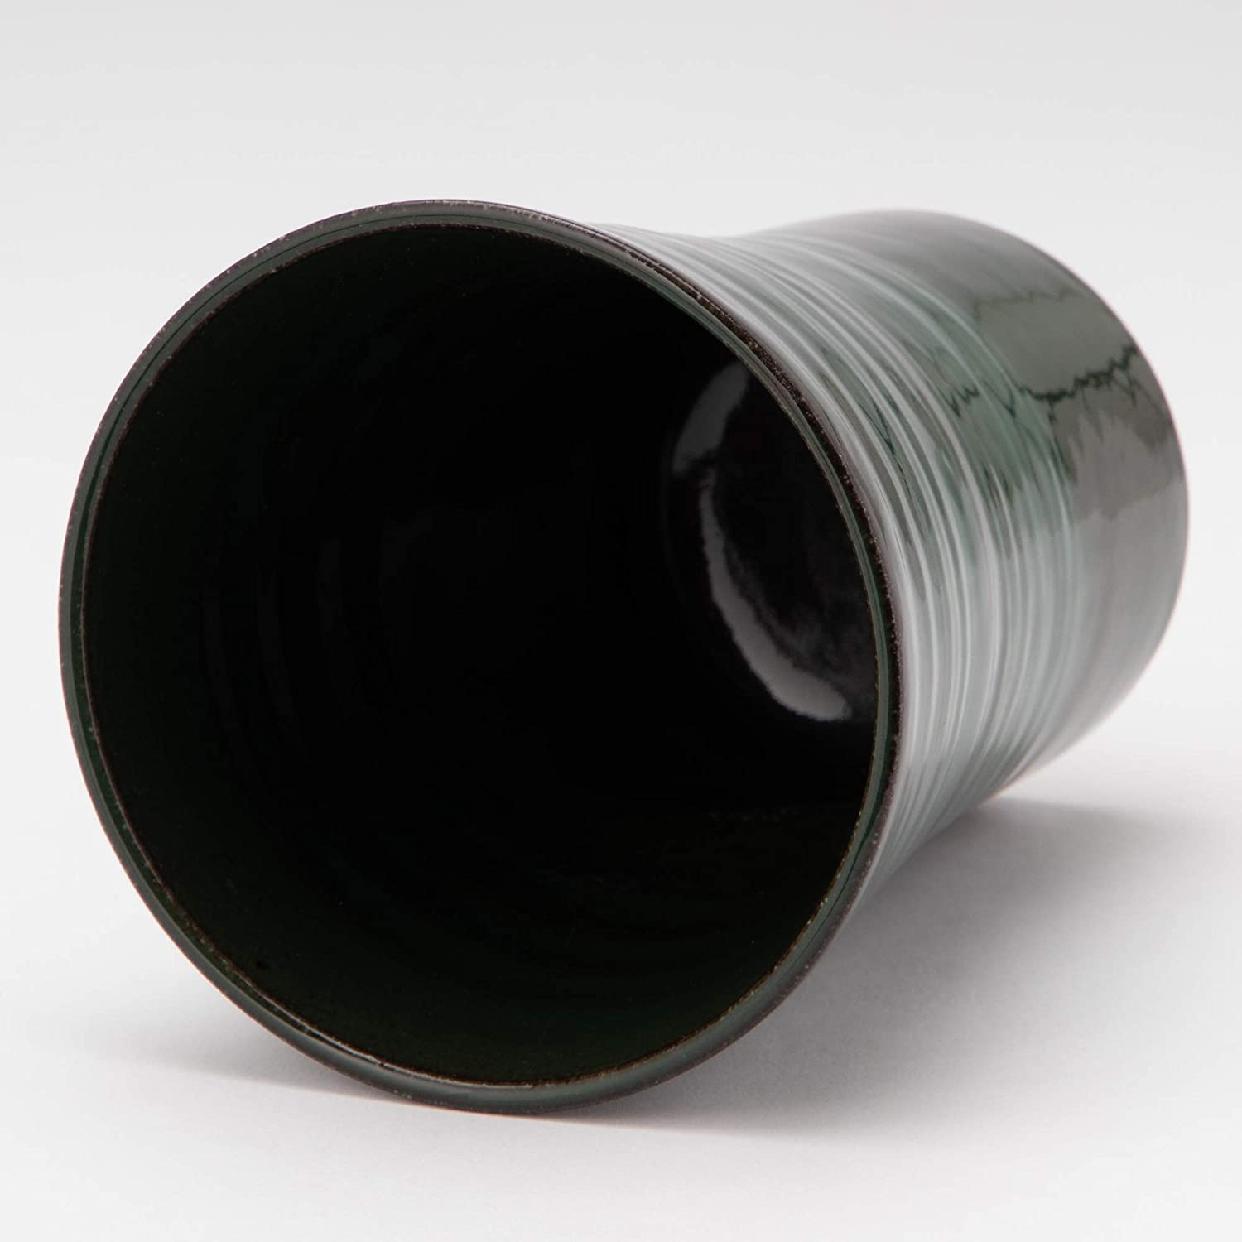 MINO CRAFT. 持ち易い焼酎カップ エメラルド K51148の商品画像5